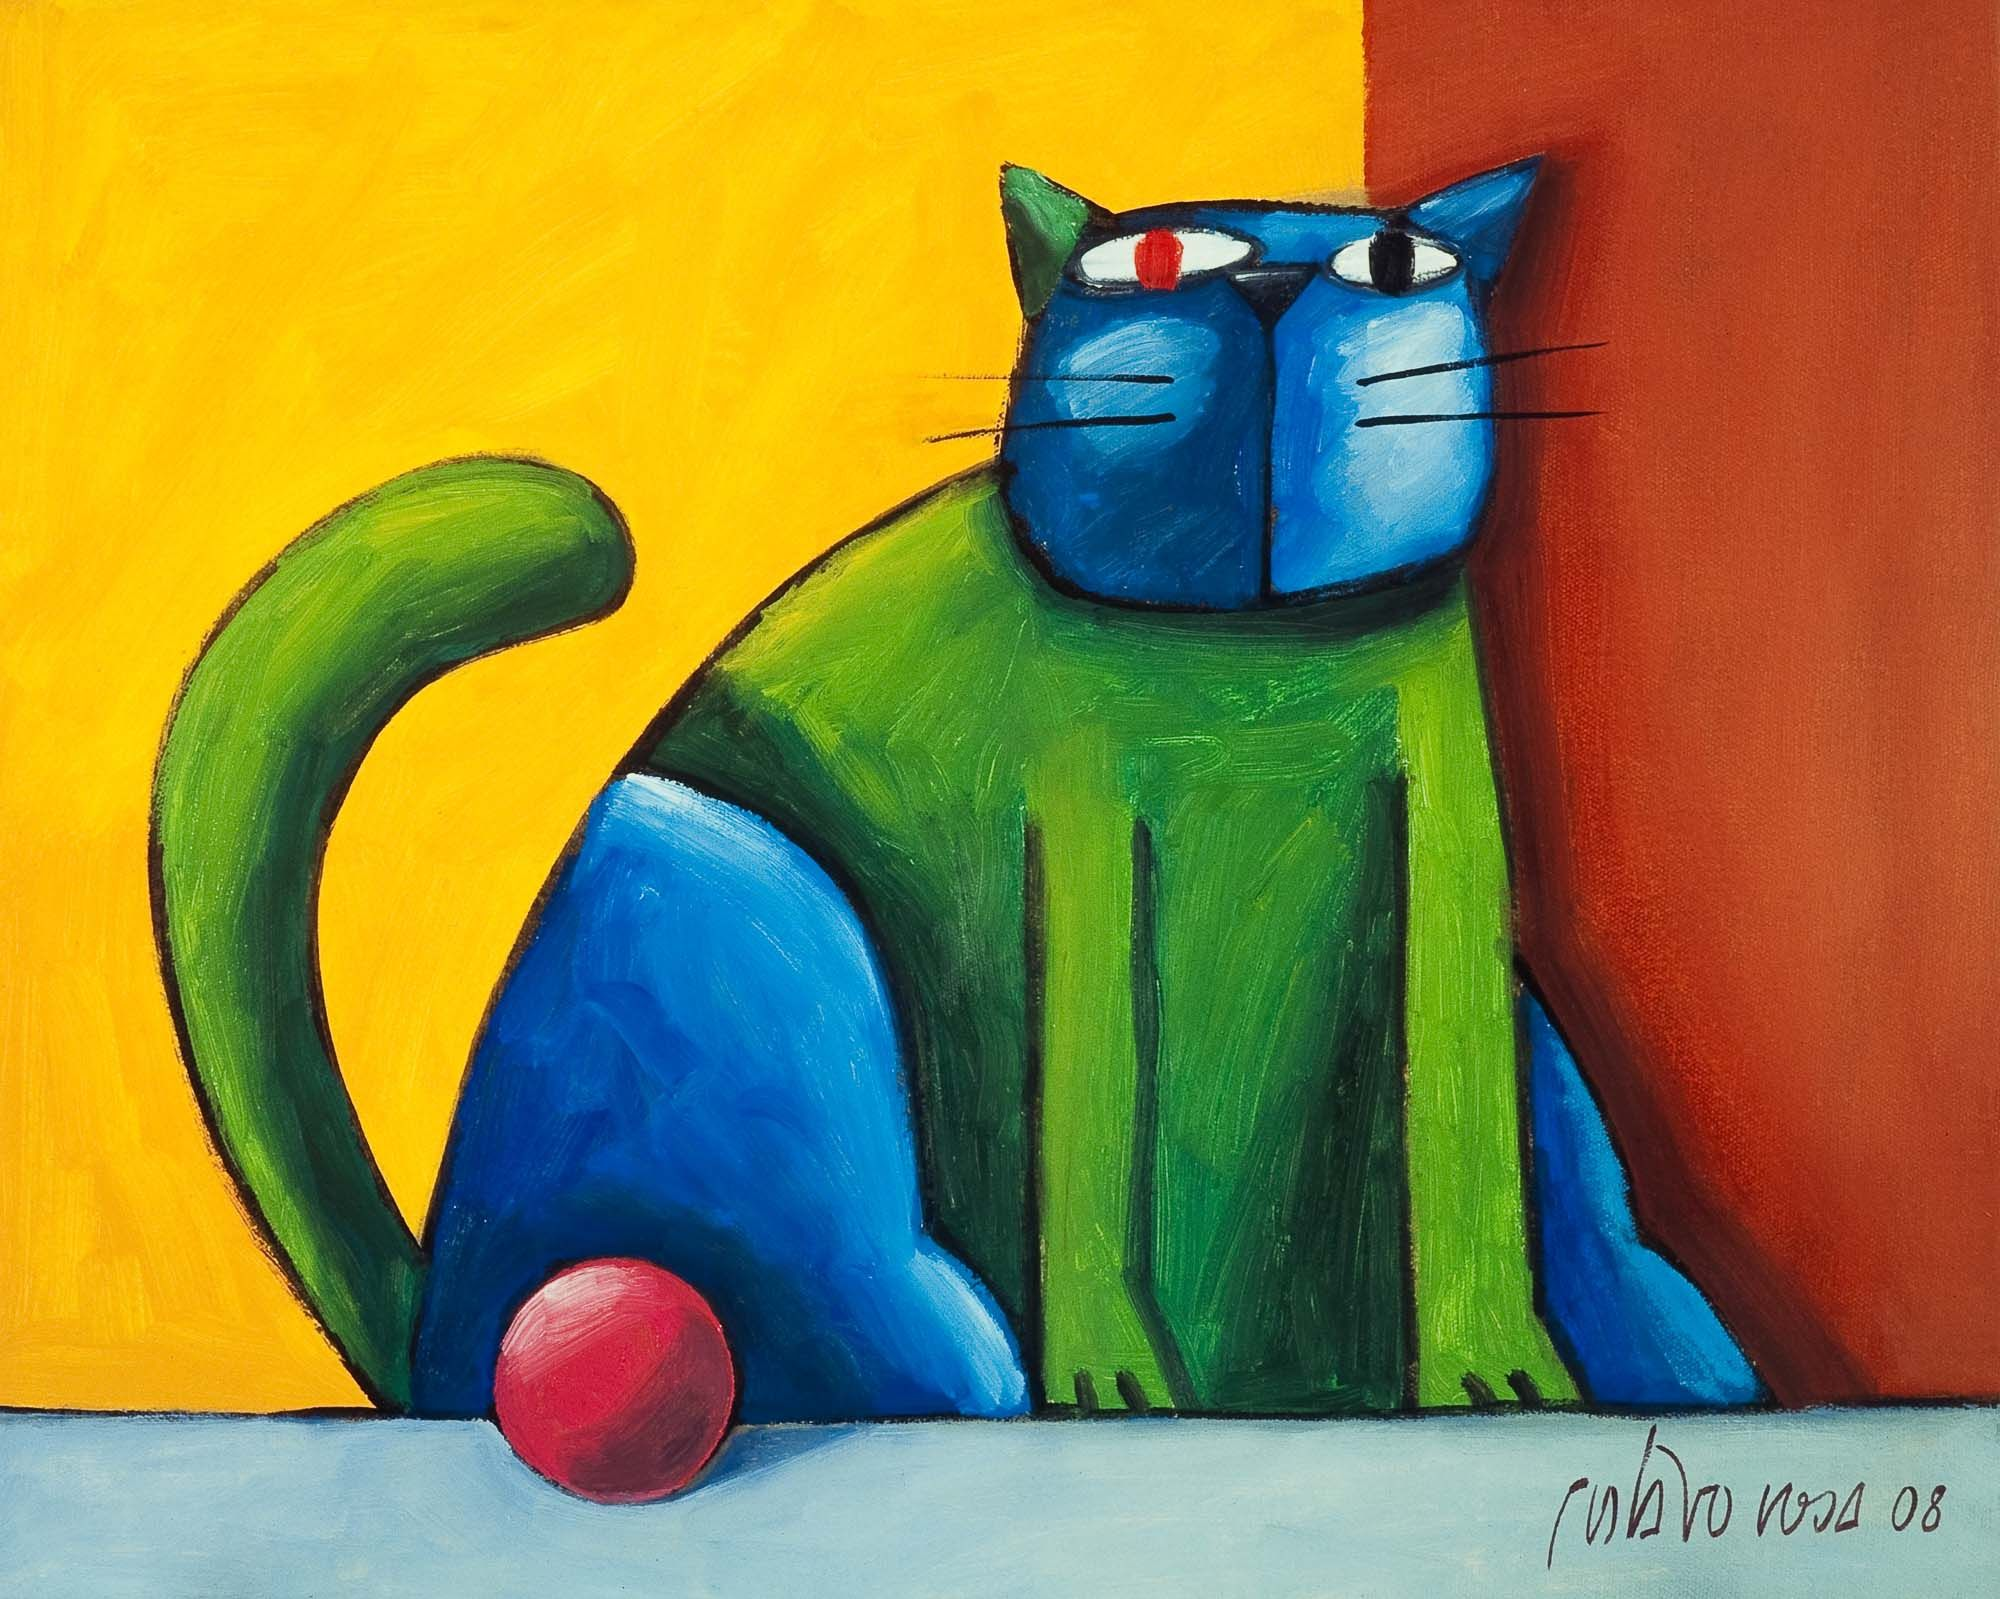 Gato Verde E Azul Com Bola Rosa Blog De Arte Producao De Arte